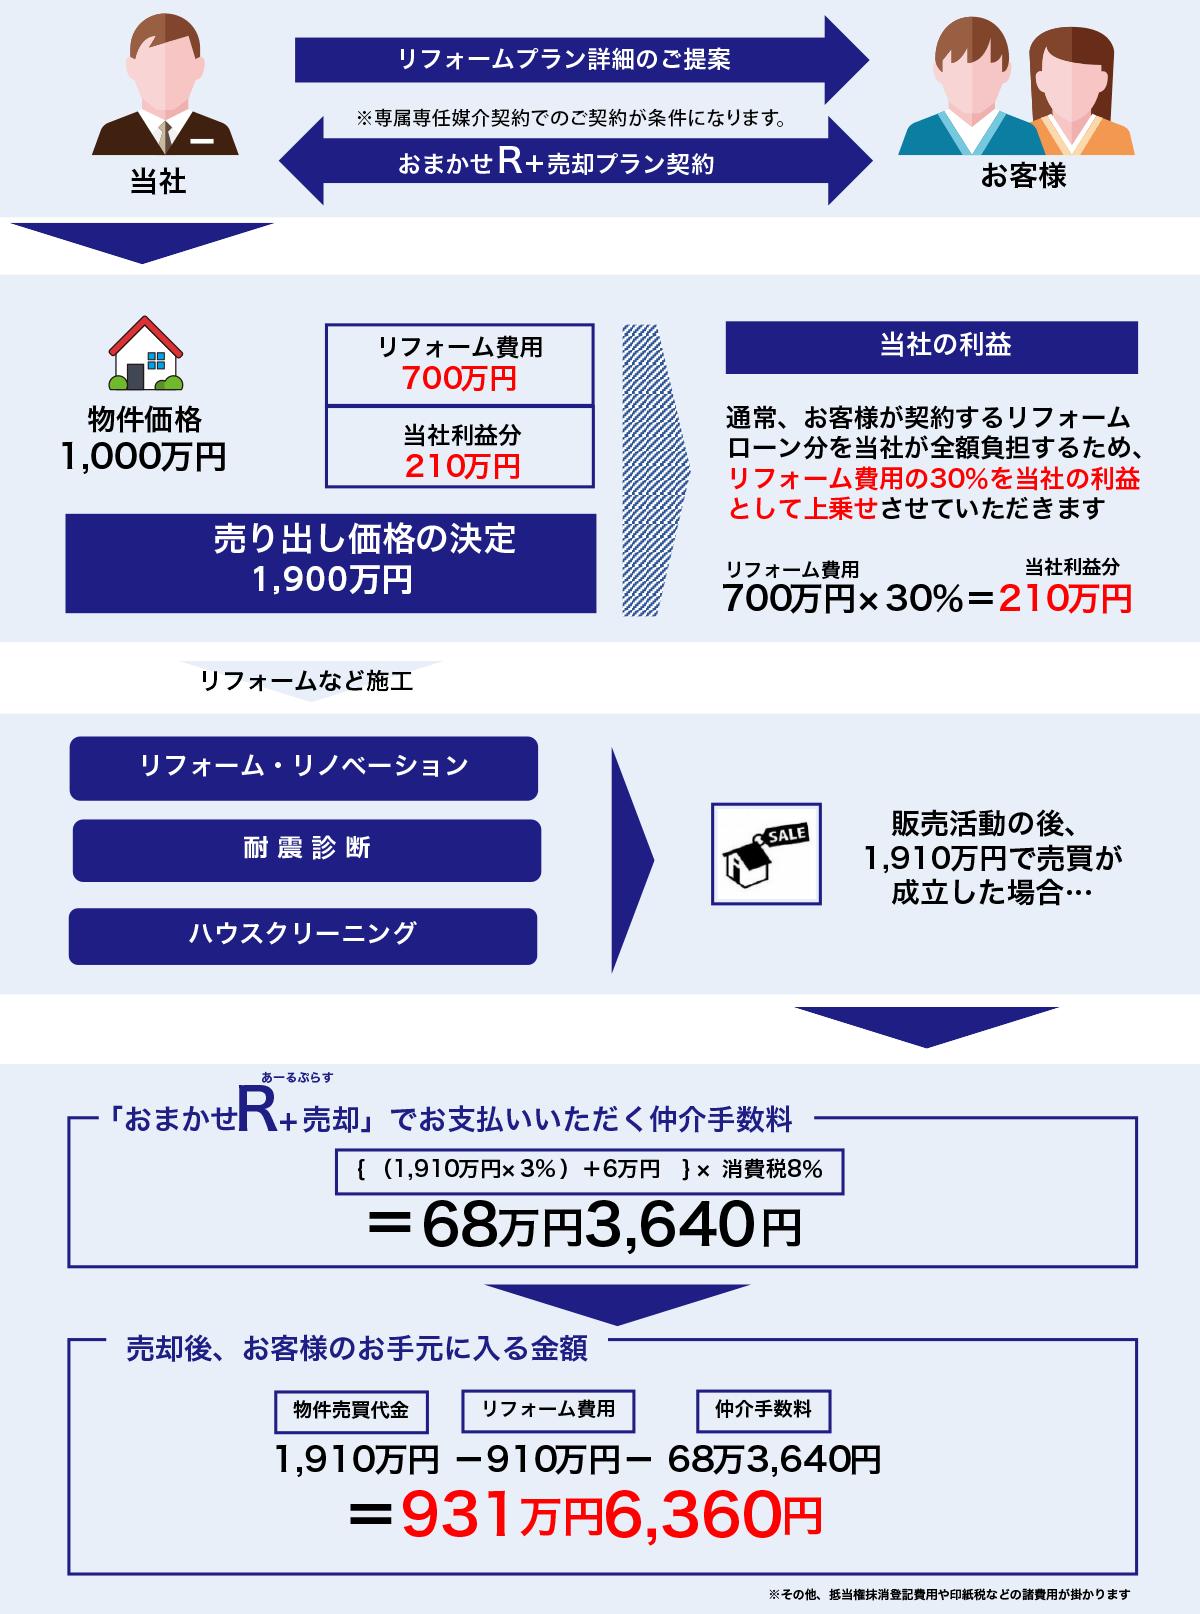 お任せR+売却のシミュレーション